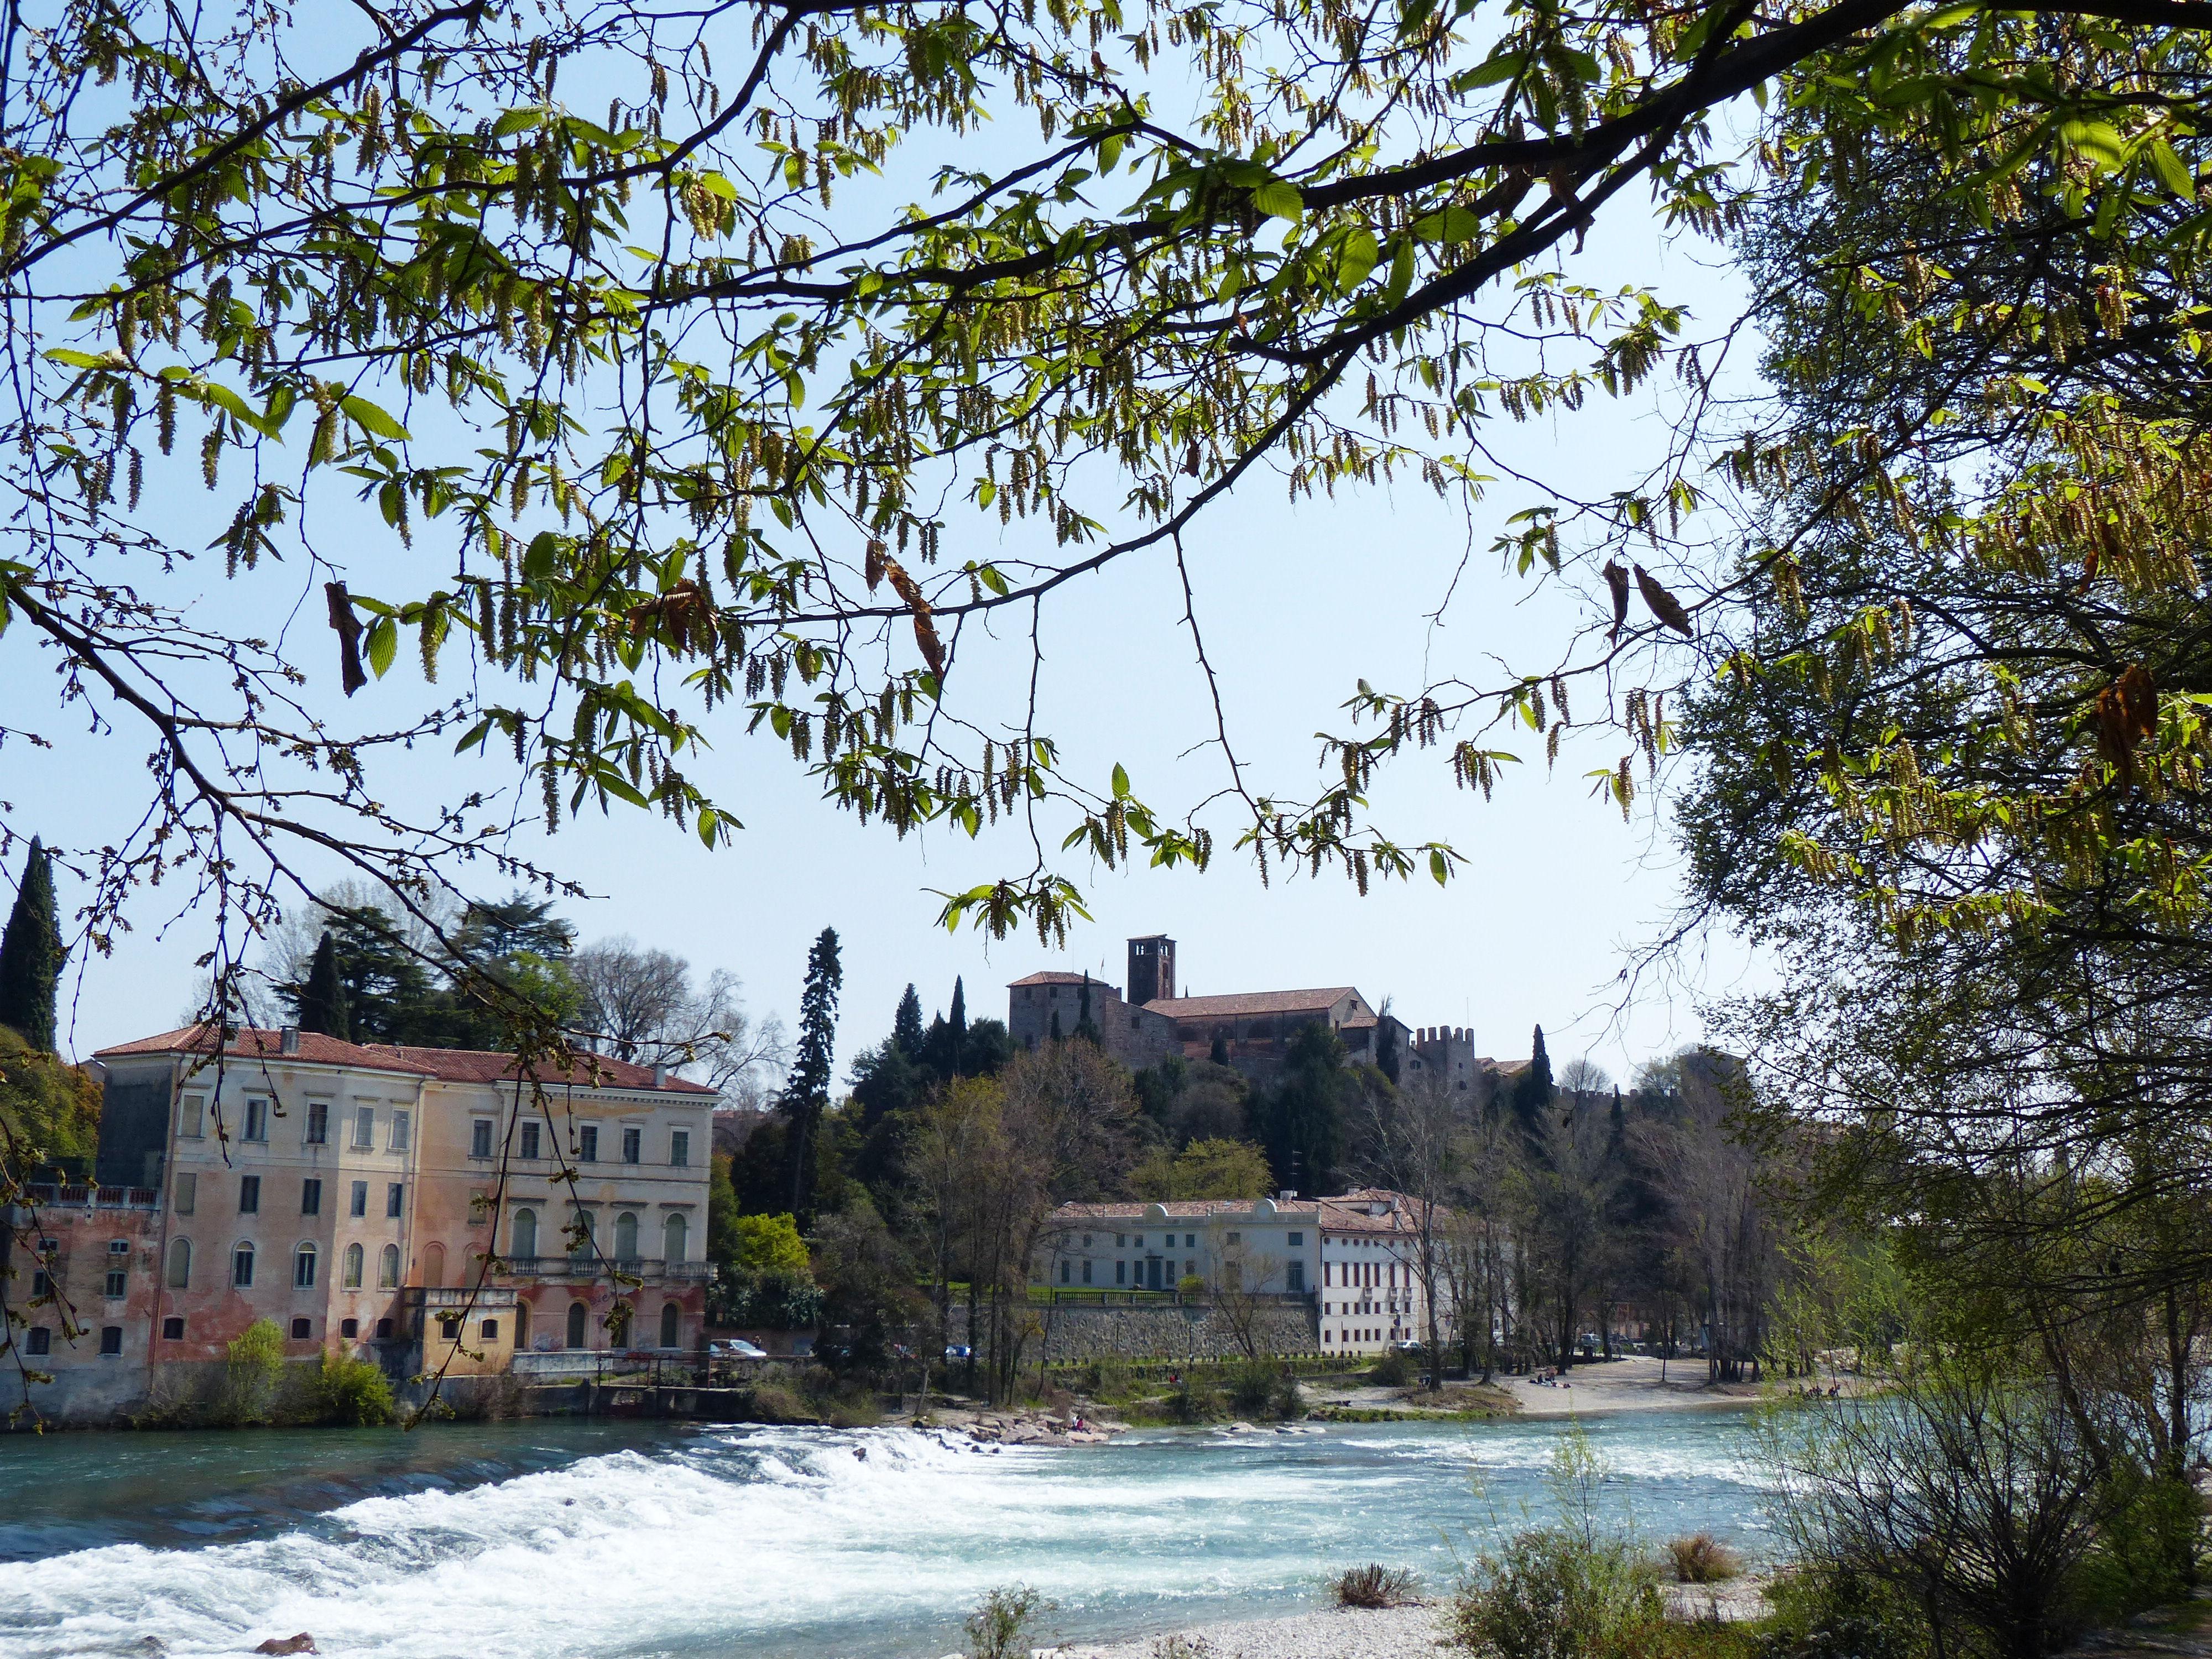 © Dipartimento di Scienze della Vita, Università di Trieste<br>by Andrea Moro<br>Comune di Bassano del Grappa, rive del fiume Brenta, VI, Veneto, Italia, 06/05/2018<br>Distributed under CC-BY-SA 4.0 license.